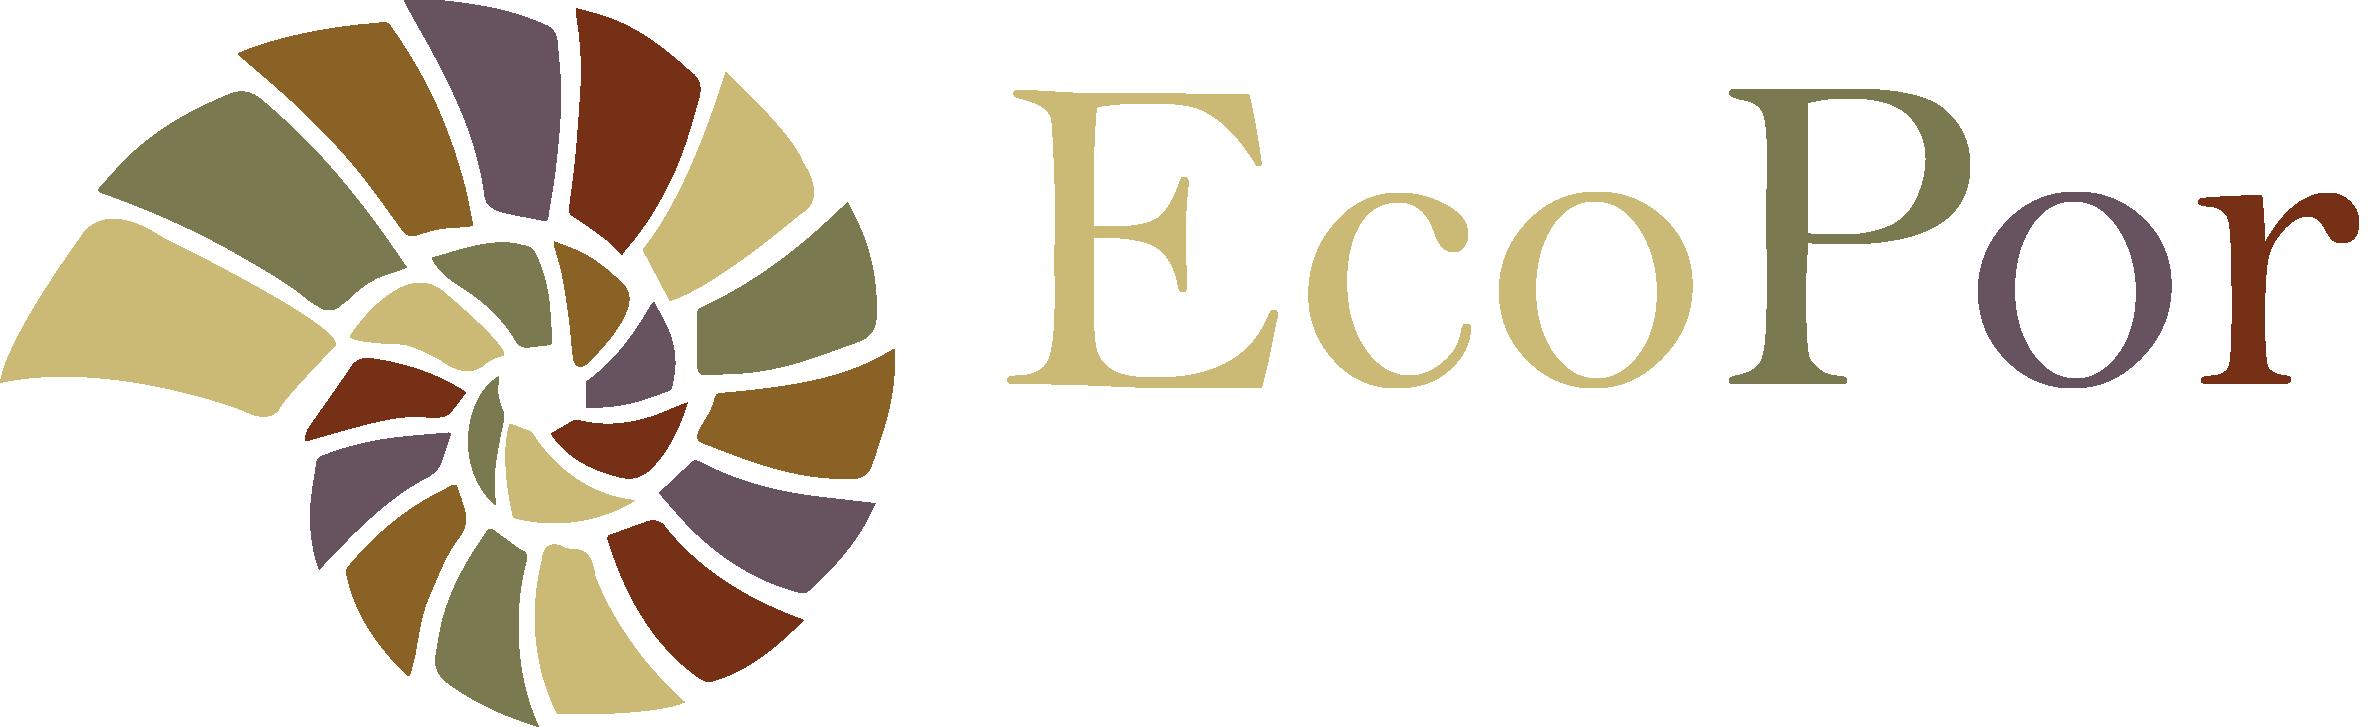 ecopor